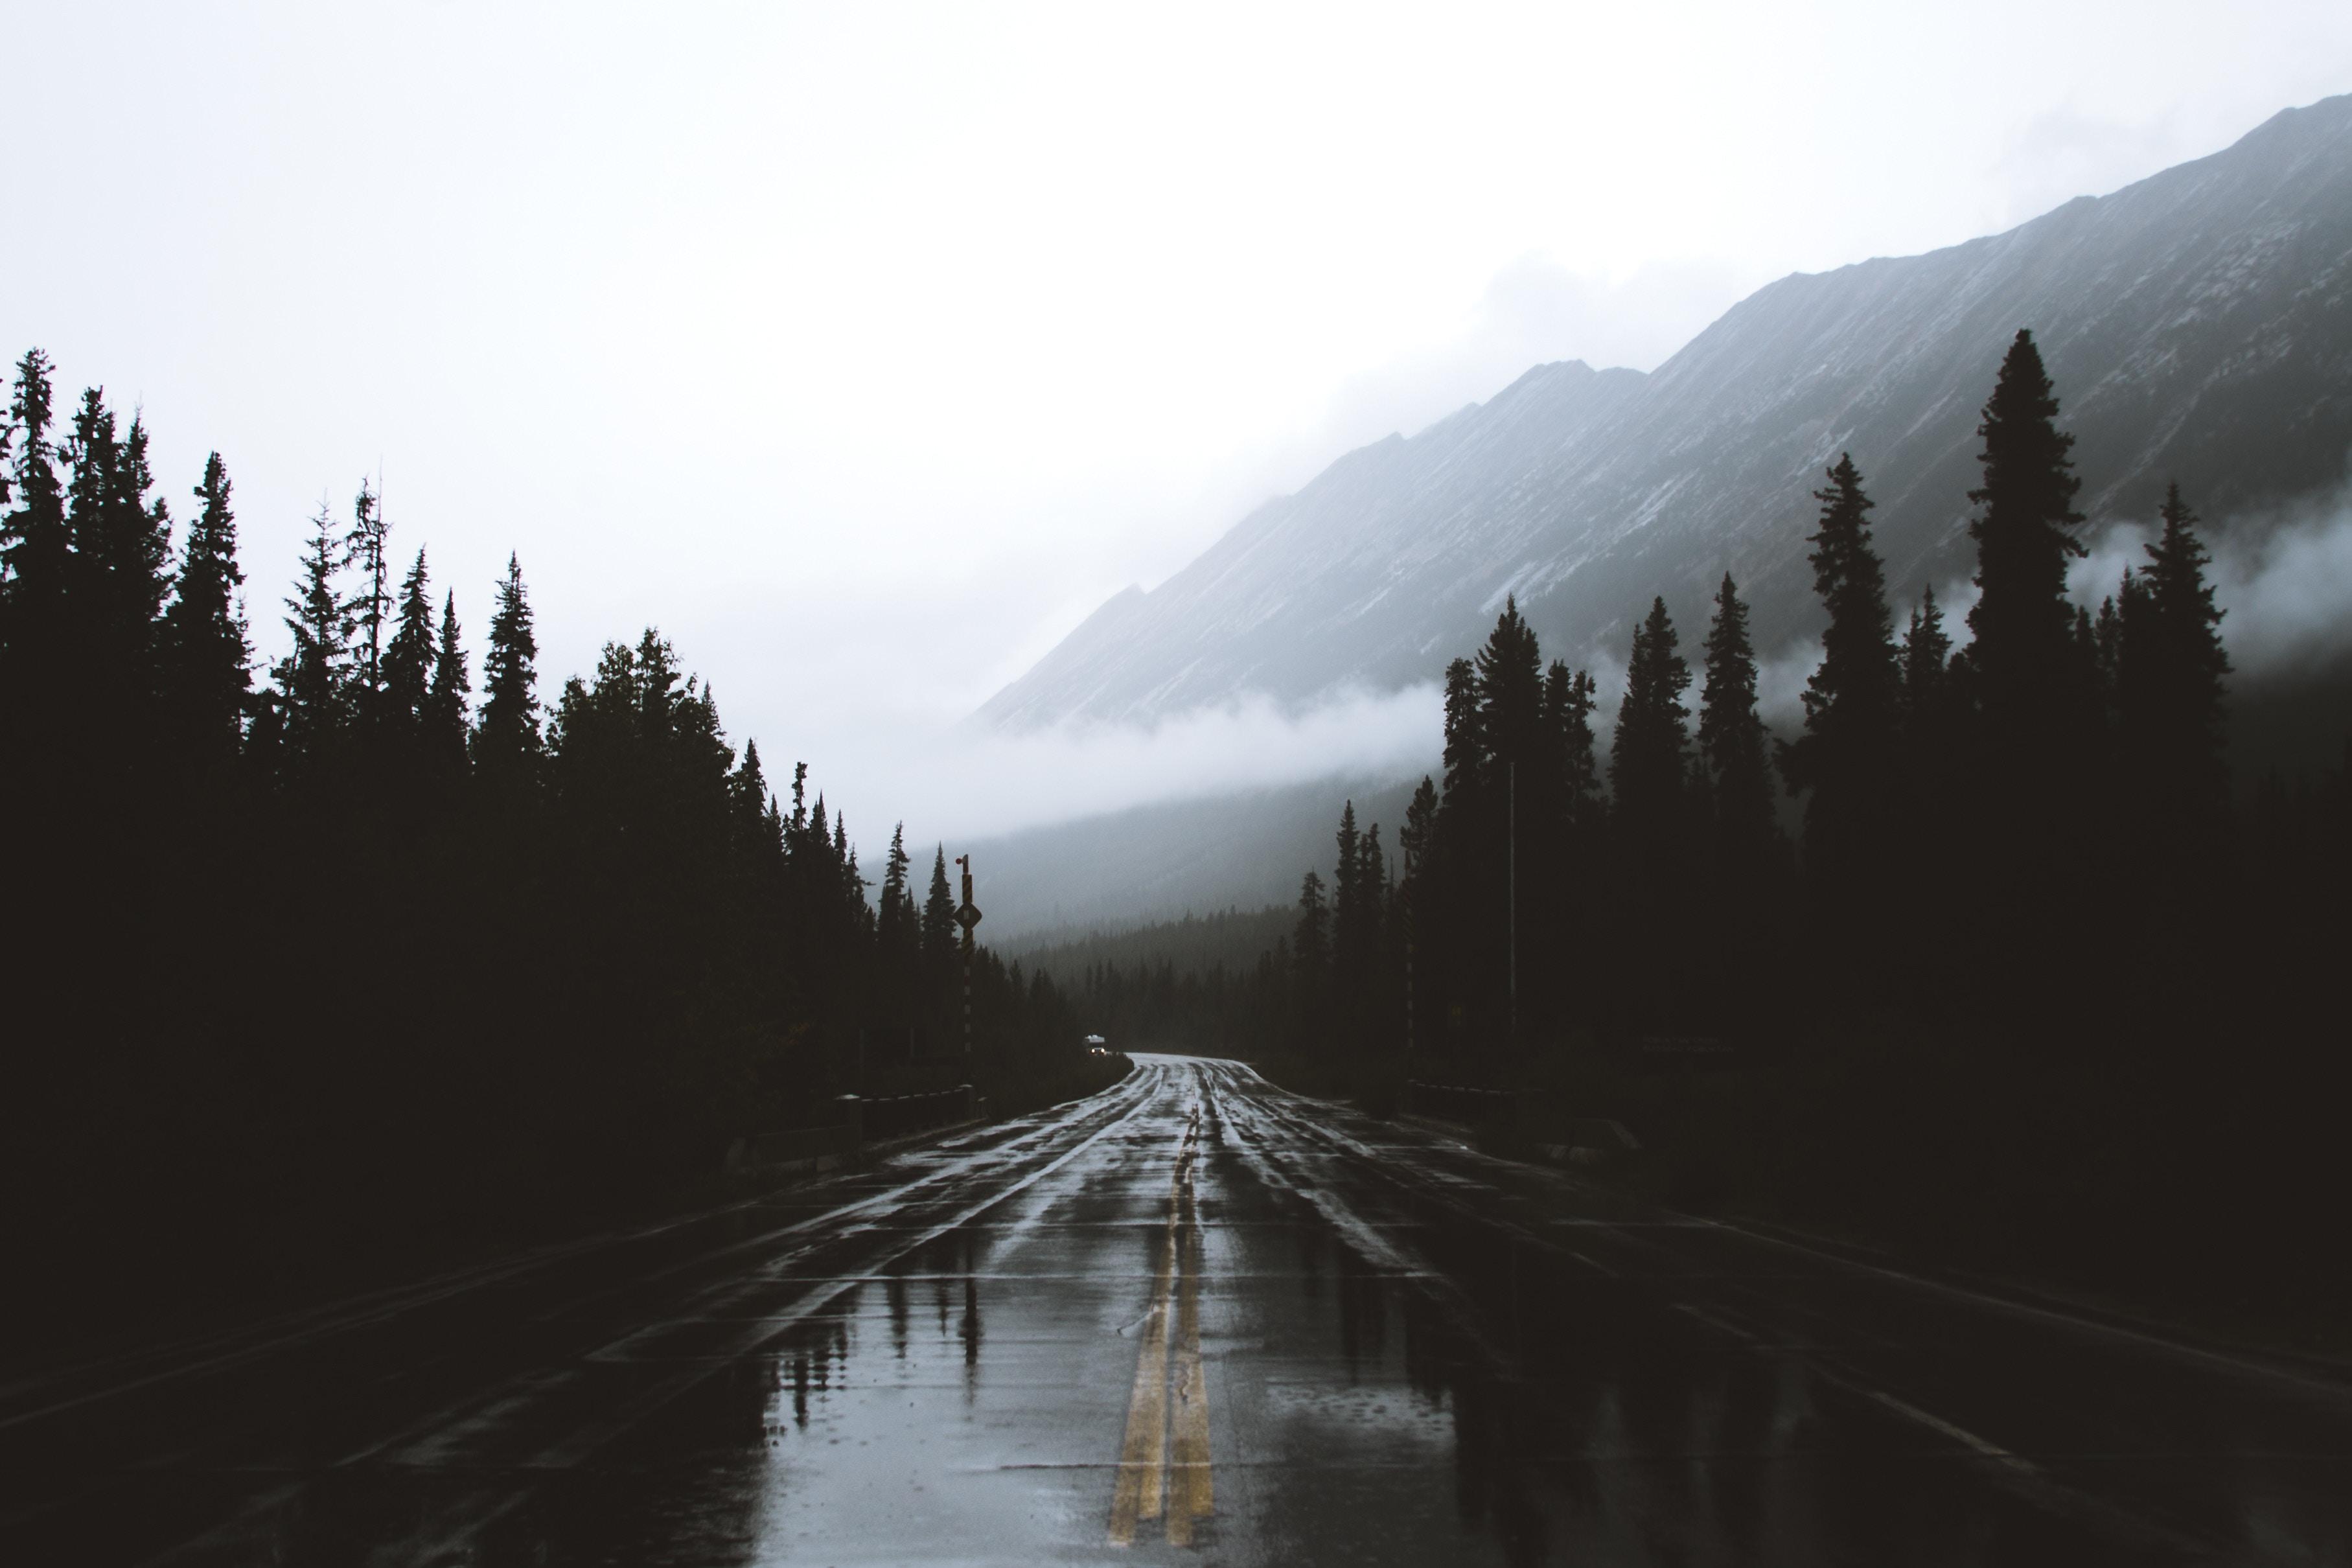 119768 Заставки и Обои Горы на телефон. Скачать Природа, Дорога, Туман, Разметка, Влажный, Альберта, Канада, Горы картинки бесплатно